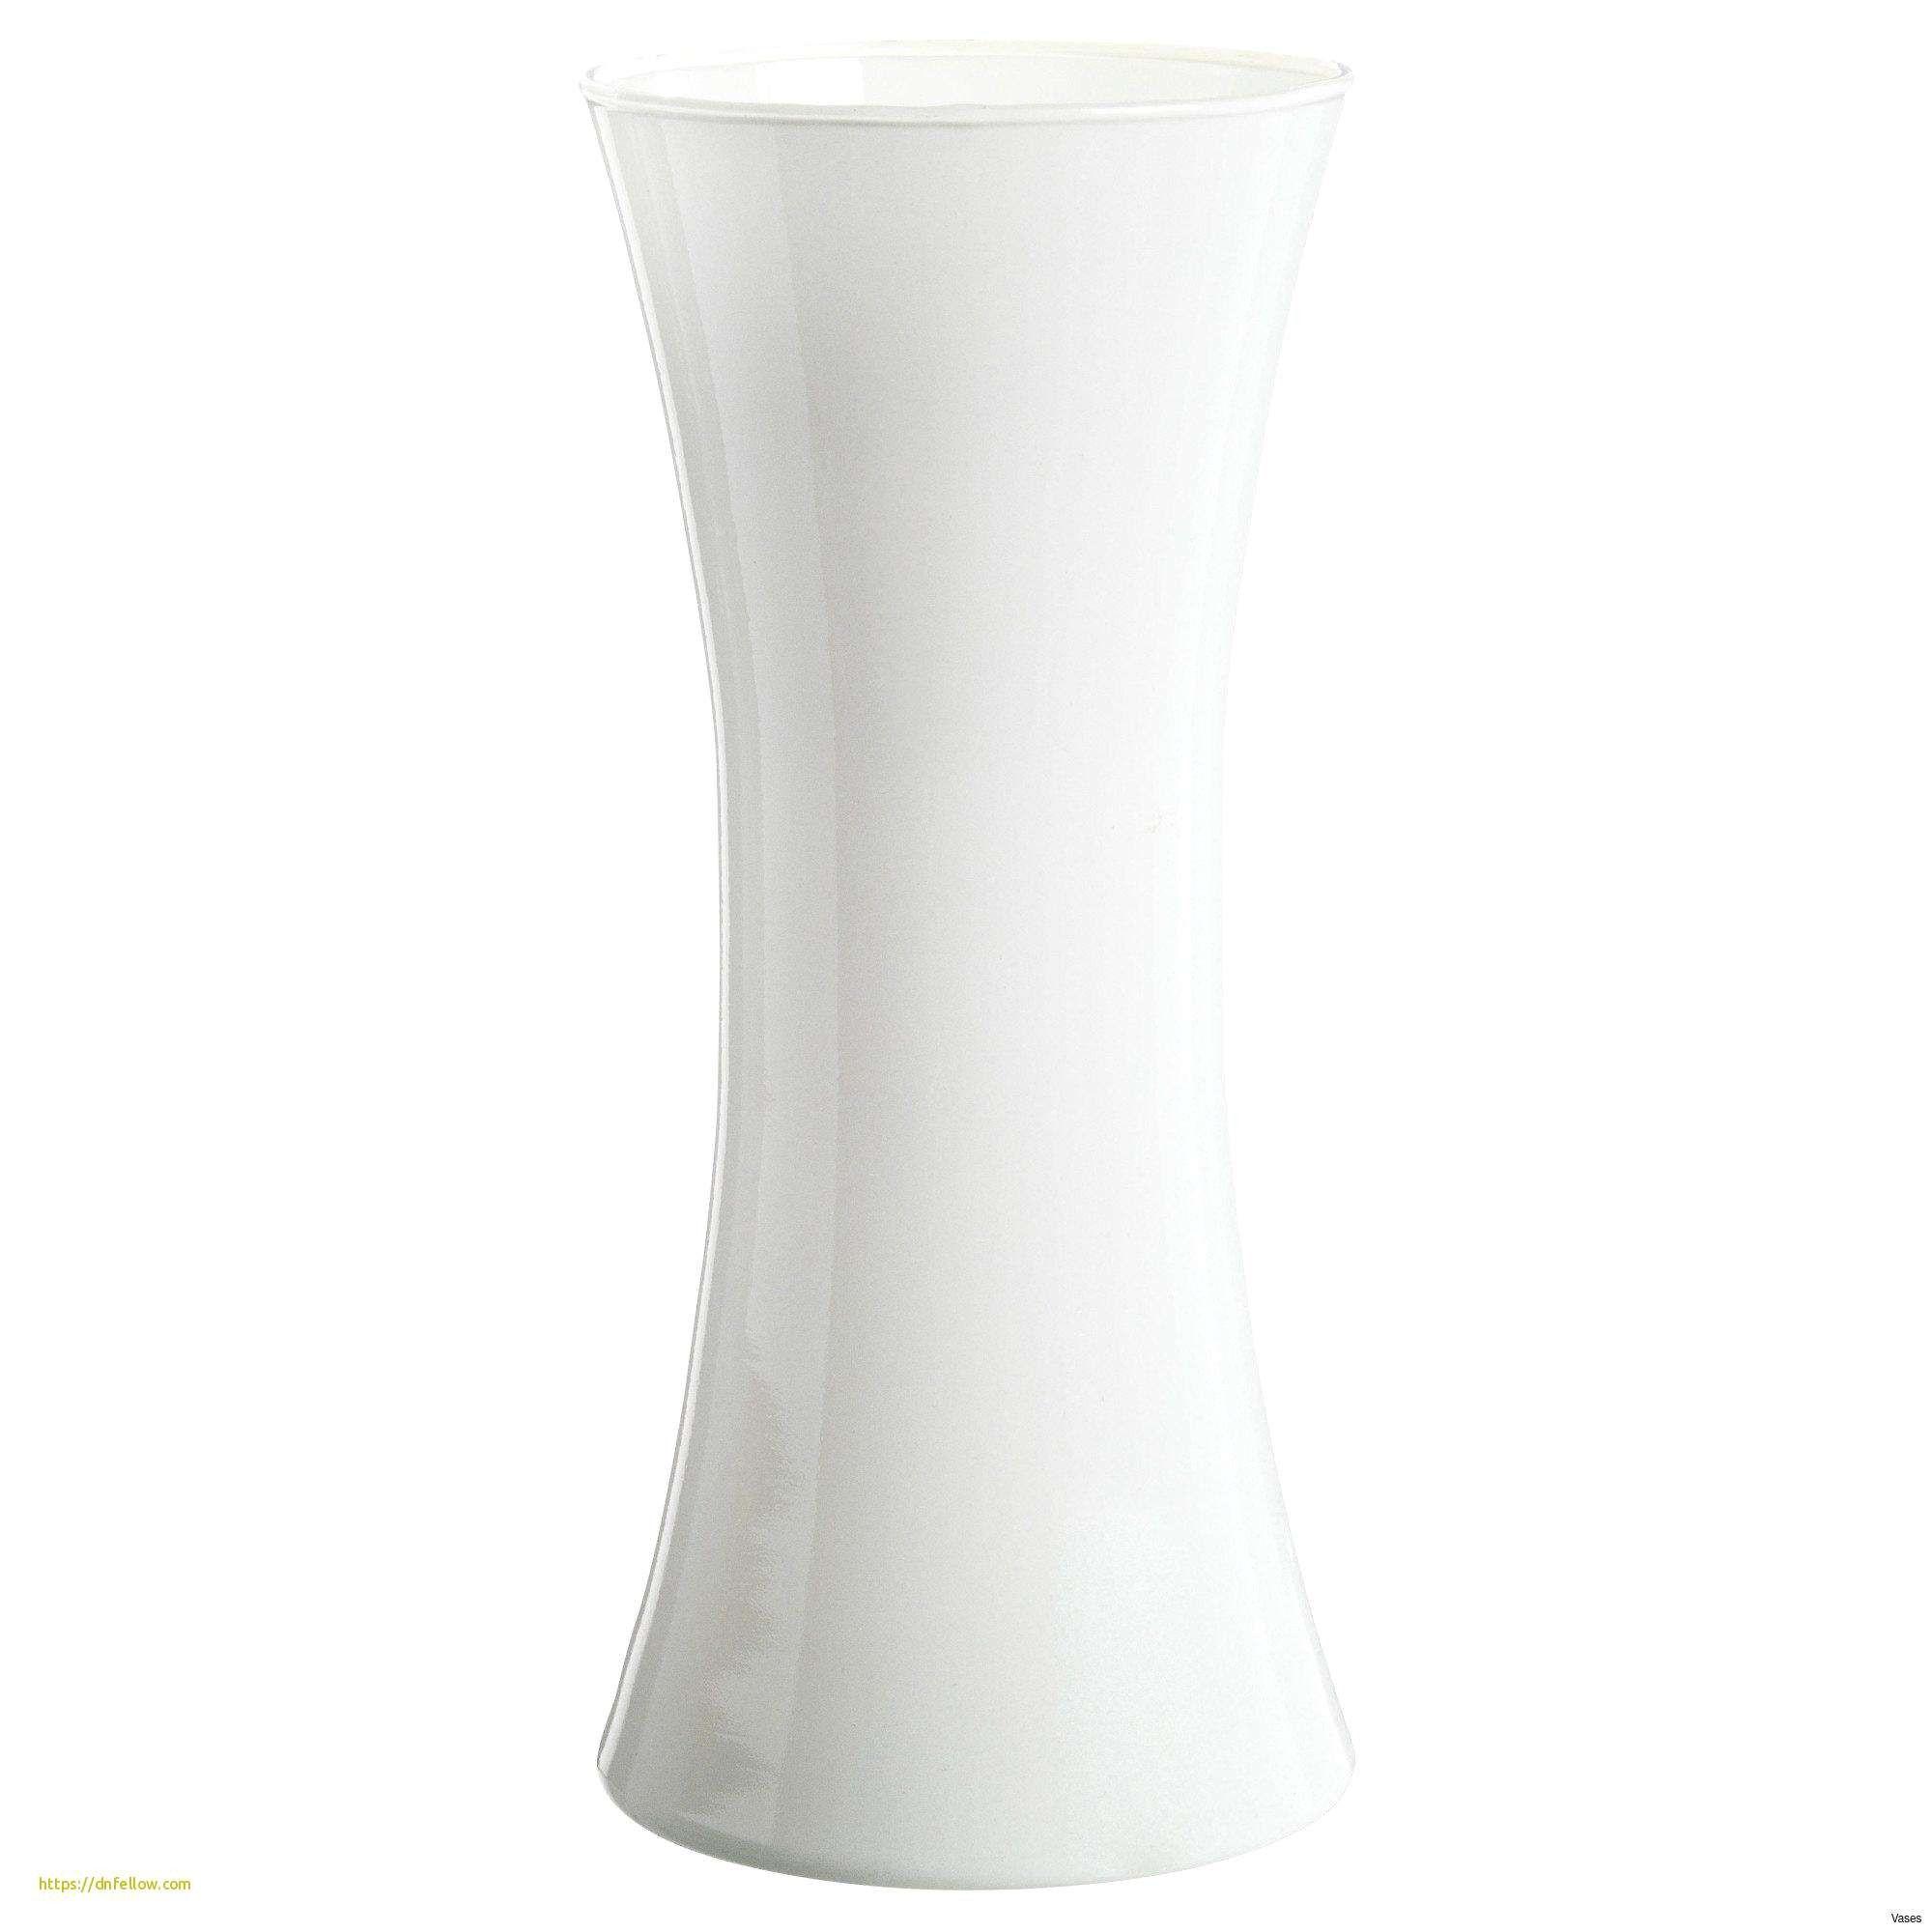 white ceramic wall vase of white vase set new white floor vase ceramic modern 40 inchl home pertaining to white vase set new white floor vase ceramic modern 40 inchl home design ikea inch